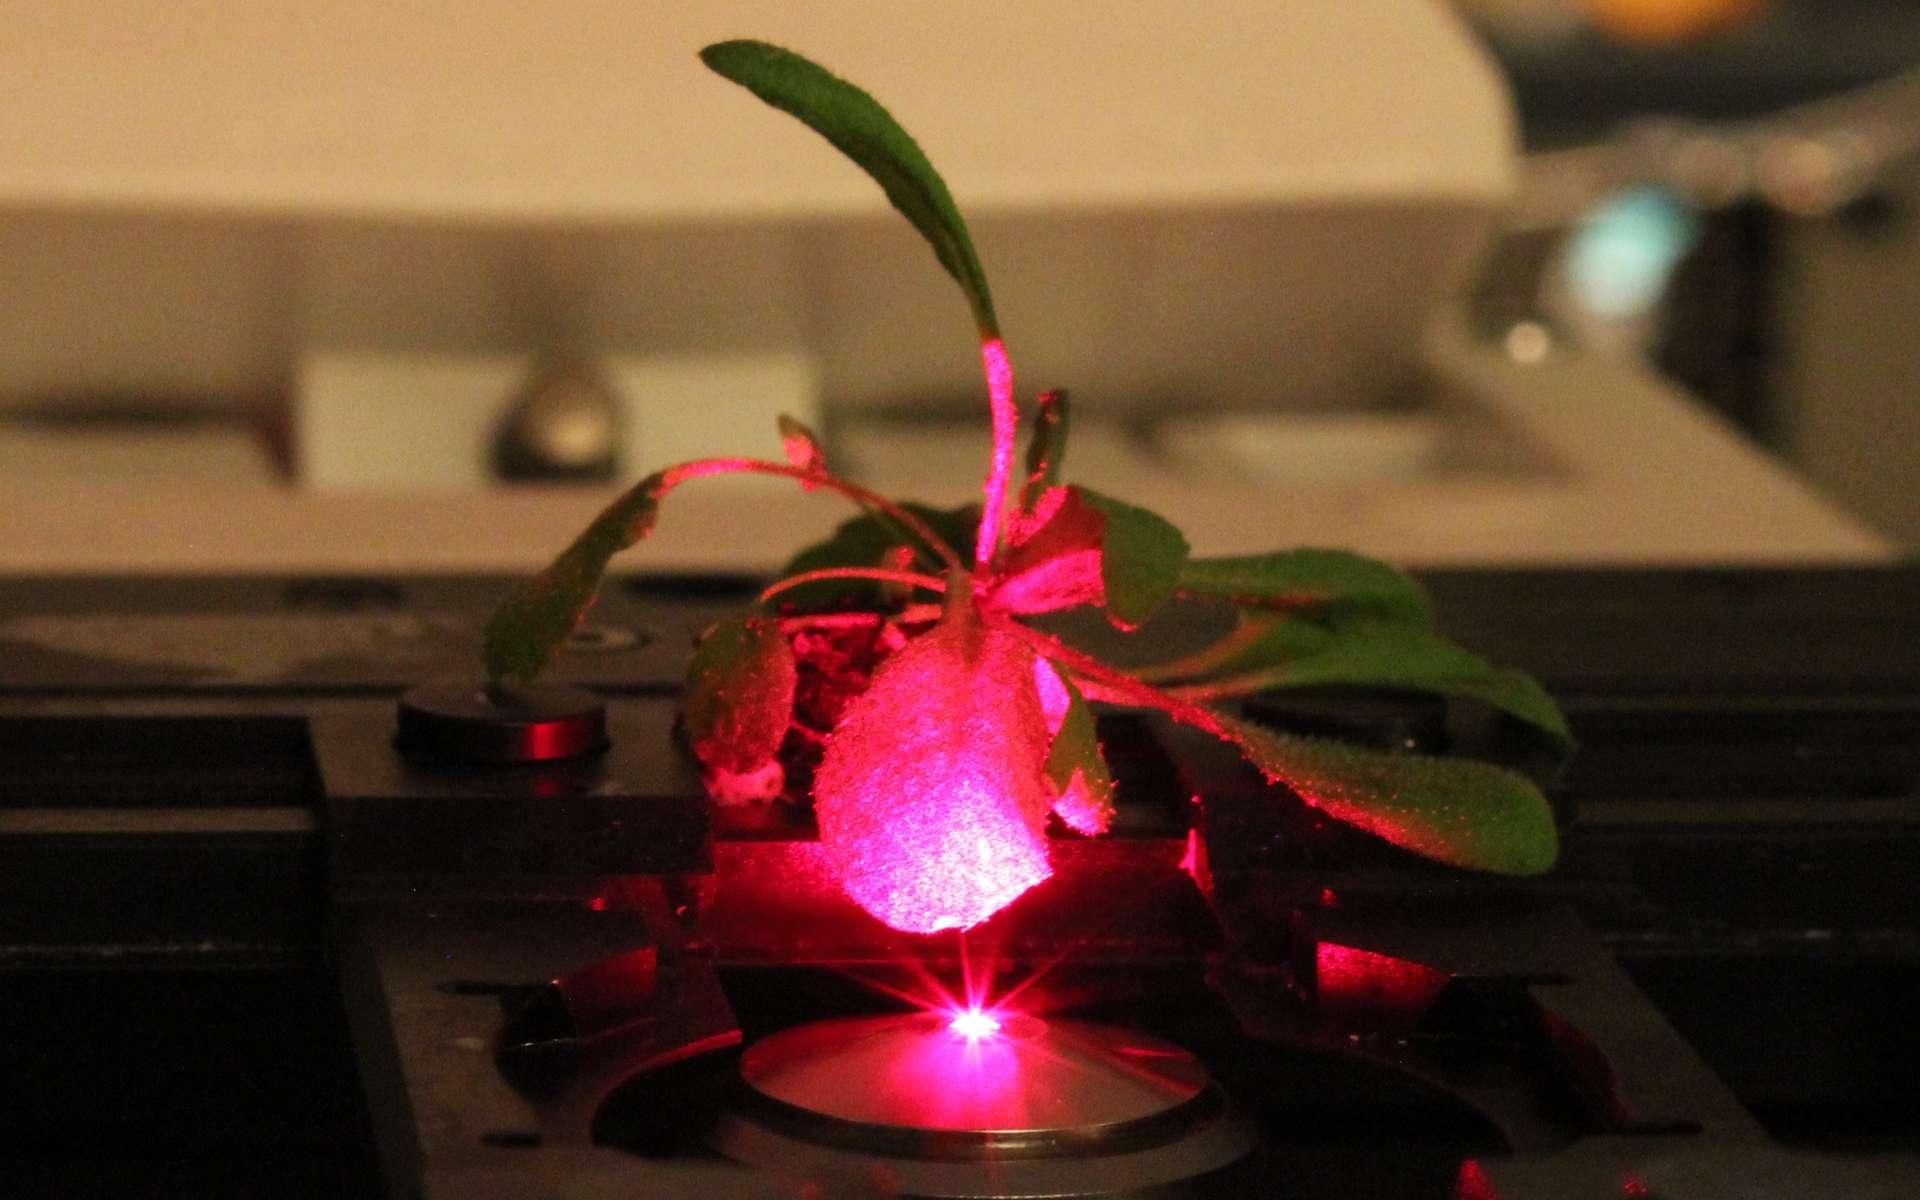 Il est possible, grâce aux nanomatériaux, d'améliorer l'absorption d'énergie lumineuse chez la plante Arabidopsis thaliana. © Juan Pablo Giraldo